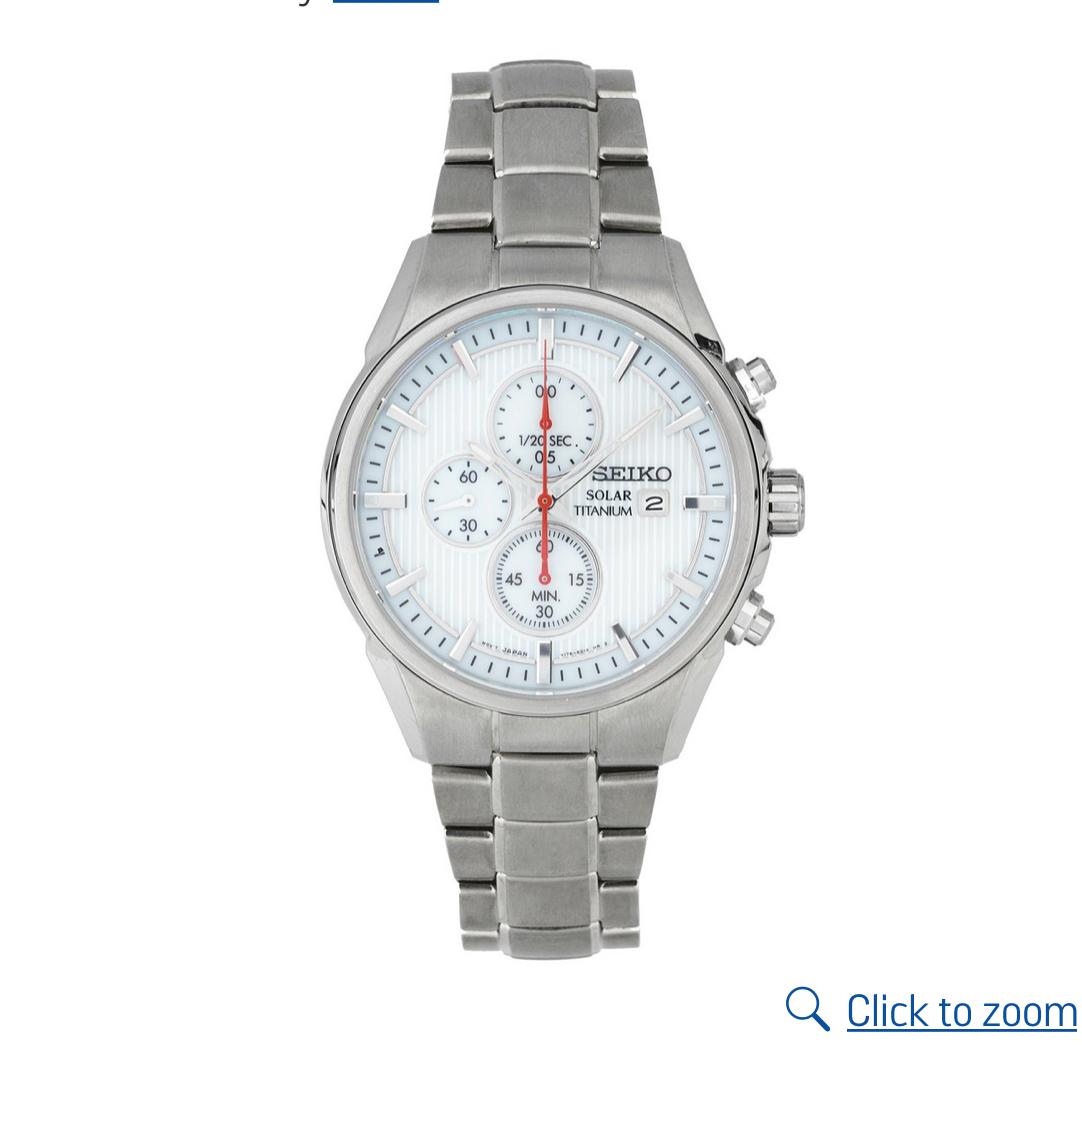 Seiko Men's Solar Powered Chrono Bracelet Watch £106.99 @ Argos free c&c